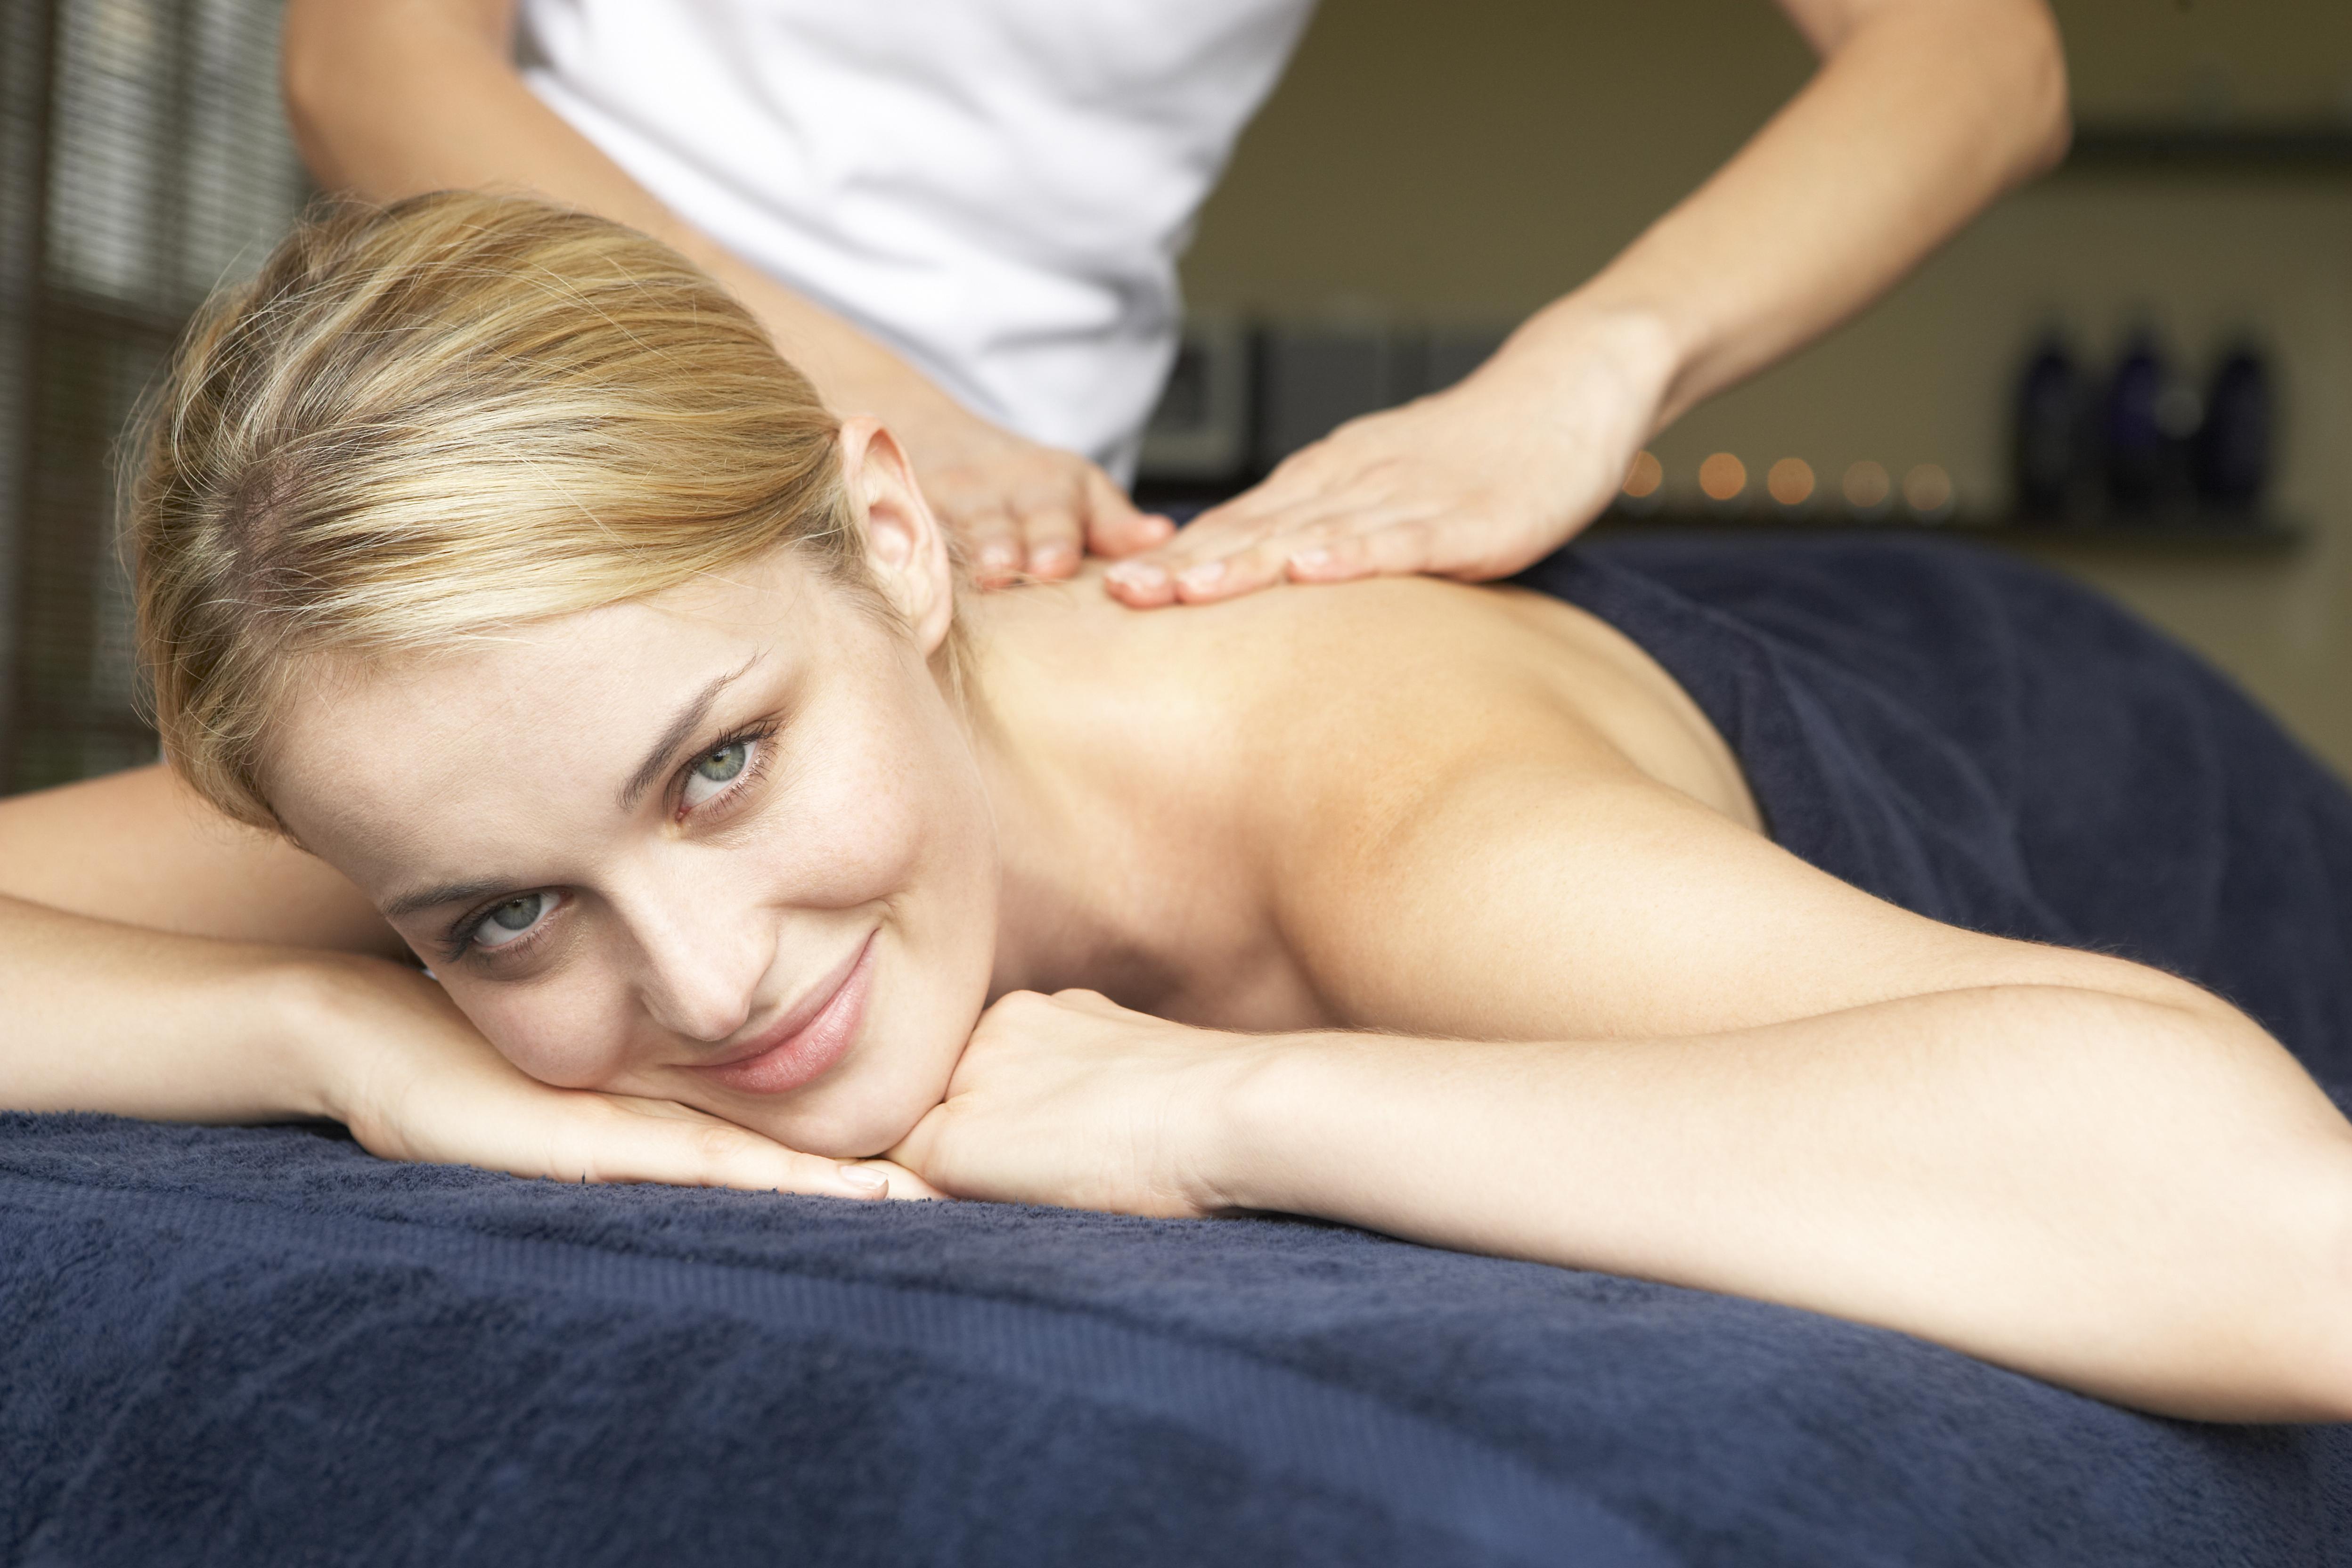 billig massage kbh brugt fisse